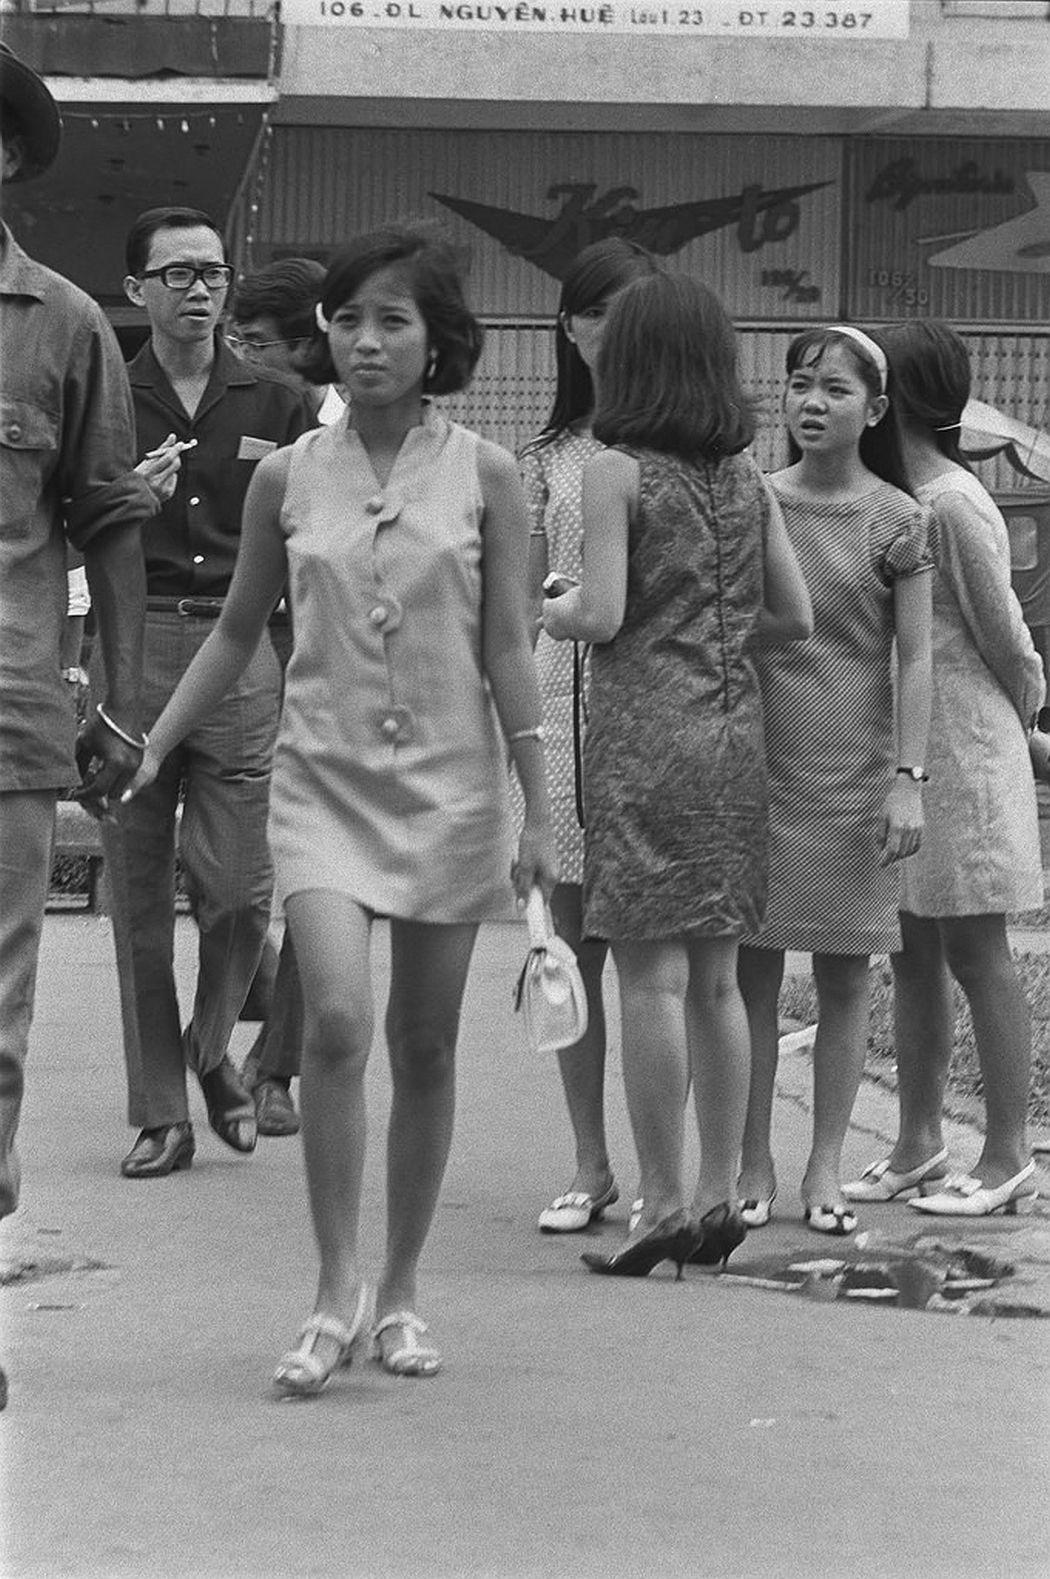 Young Vietnamese girls wear Western dress, Saigon, 1969